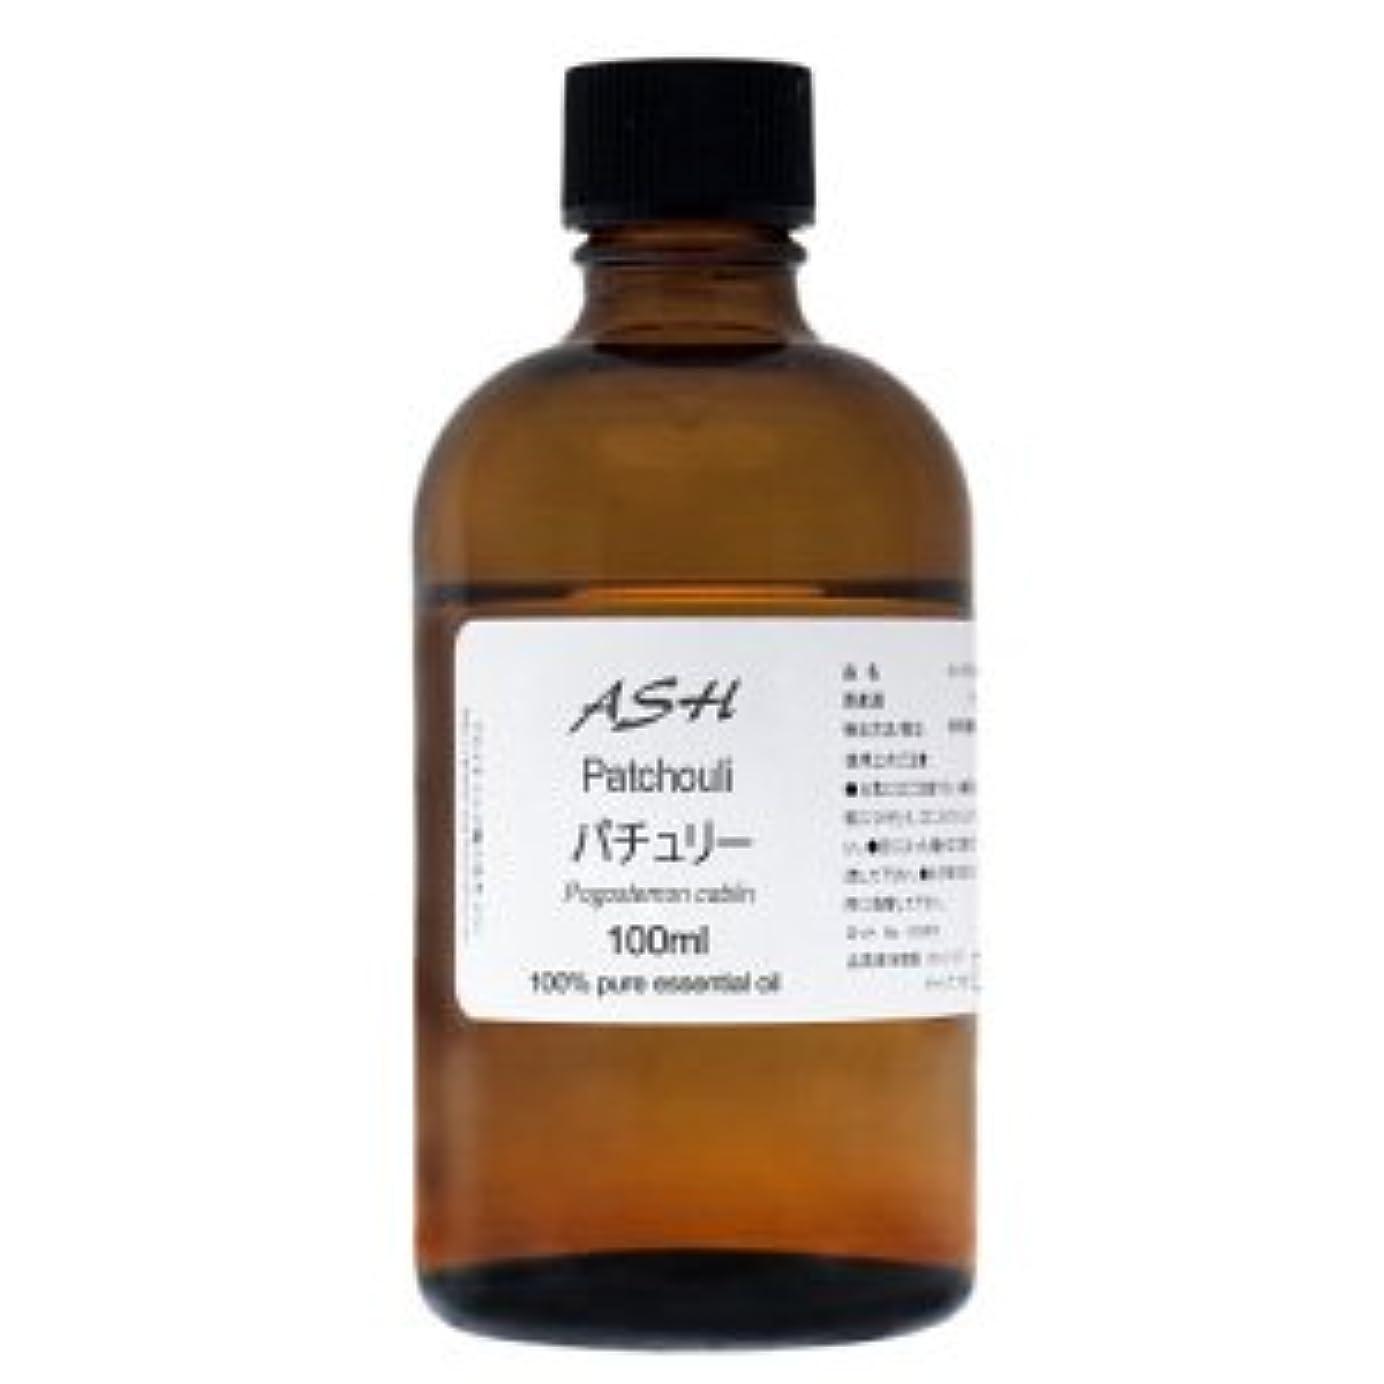 救出追う派手ASH パチュリー エッセンシャルオイル 100ml AEAJ表示基準適合認定精油